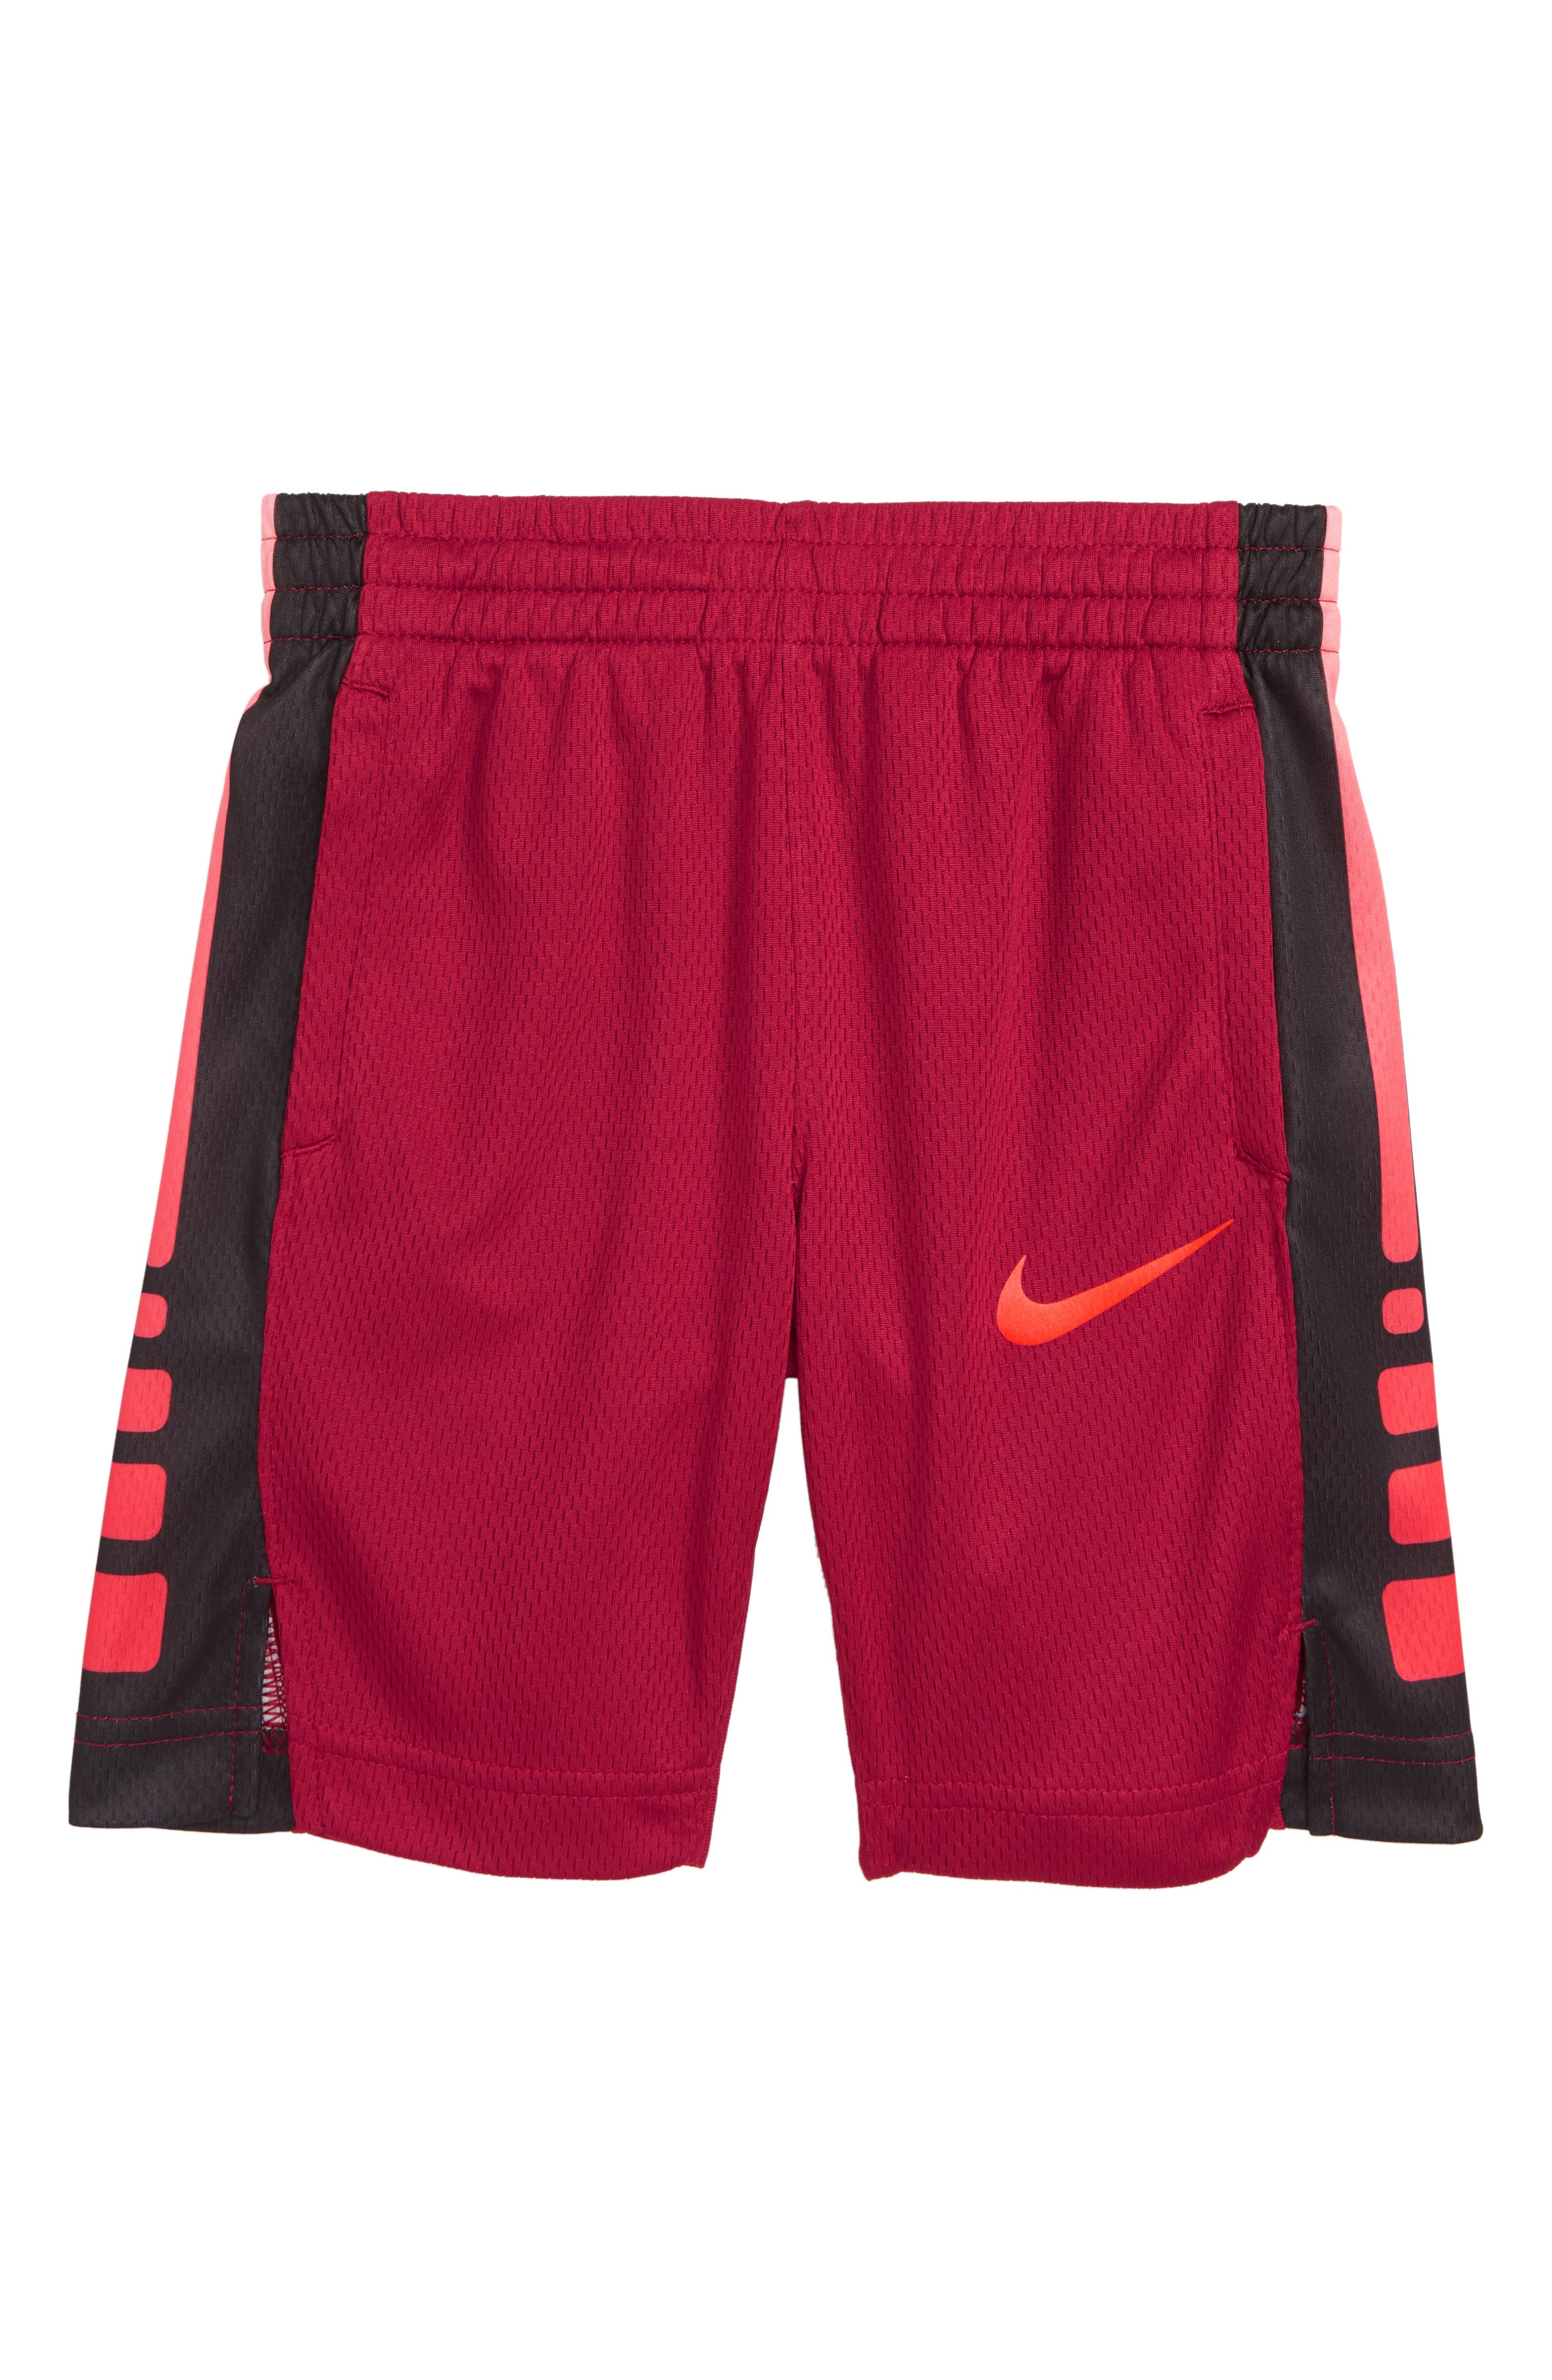 Elite Stripe Shorts,                             Main thumbnail 1, color,                             RED CRUSH